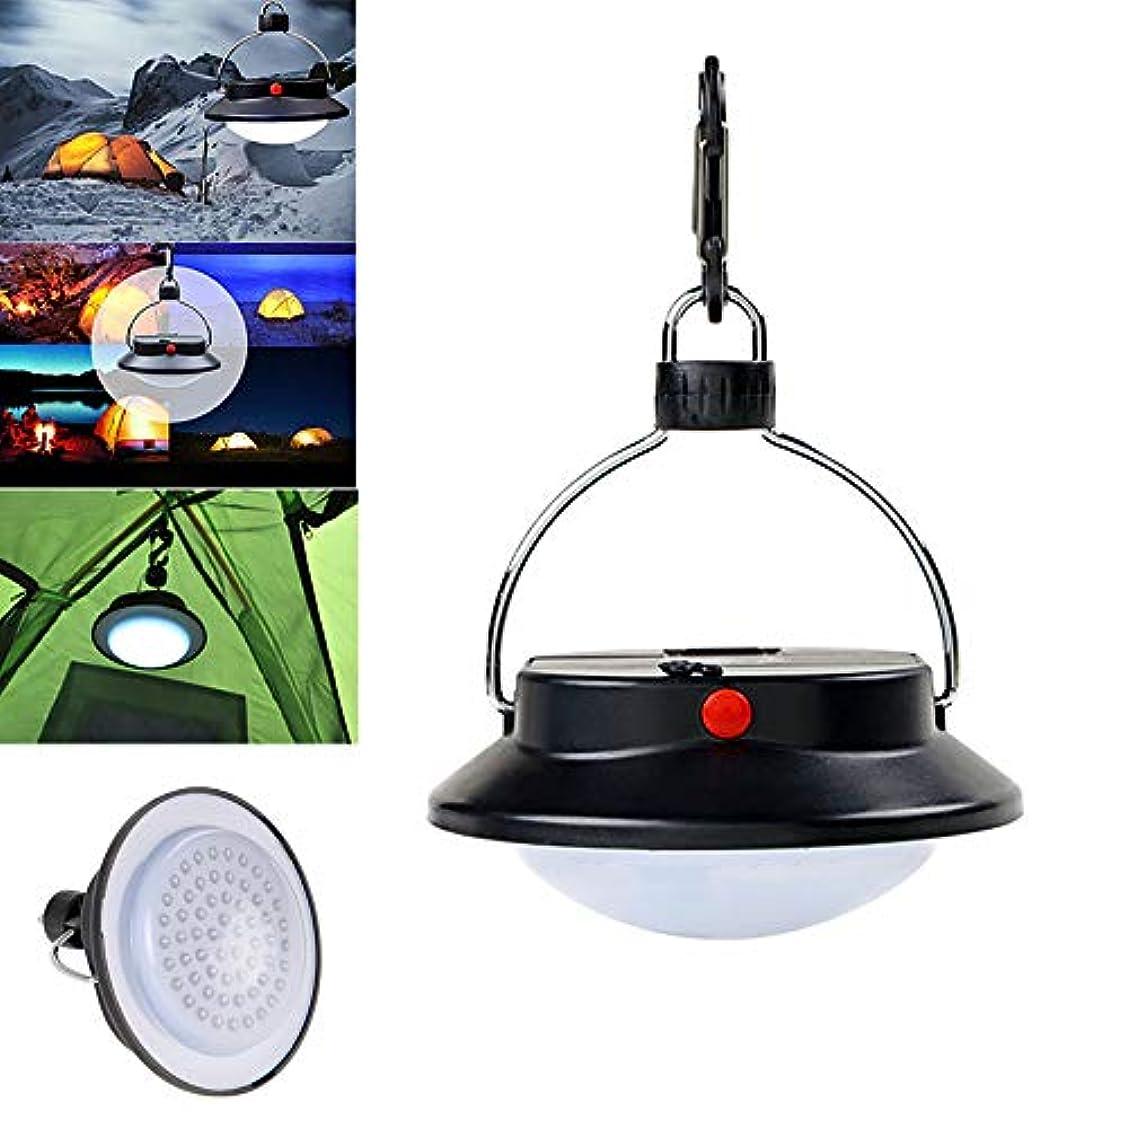 タイピストほこりっぽい反対した超明るい ポータブル LEDテントライト、 60 LEDキャンプランタン 緊急 小型吊りランプ ハイキング用 キャンプ、 パティオ傘 (電池は含まれていません)